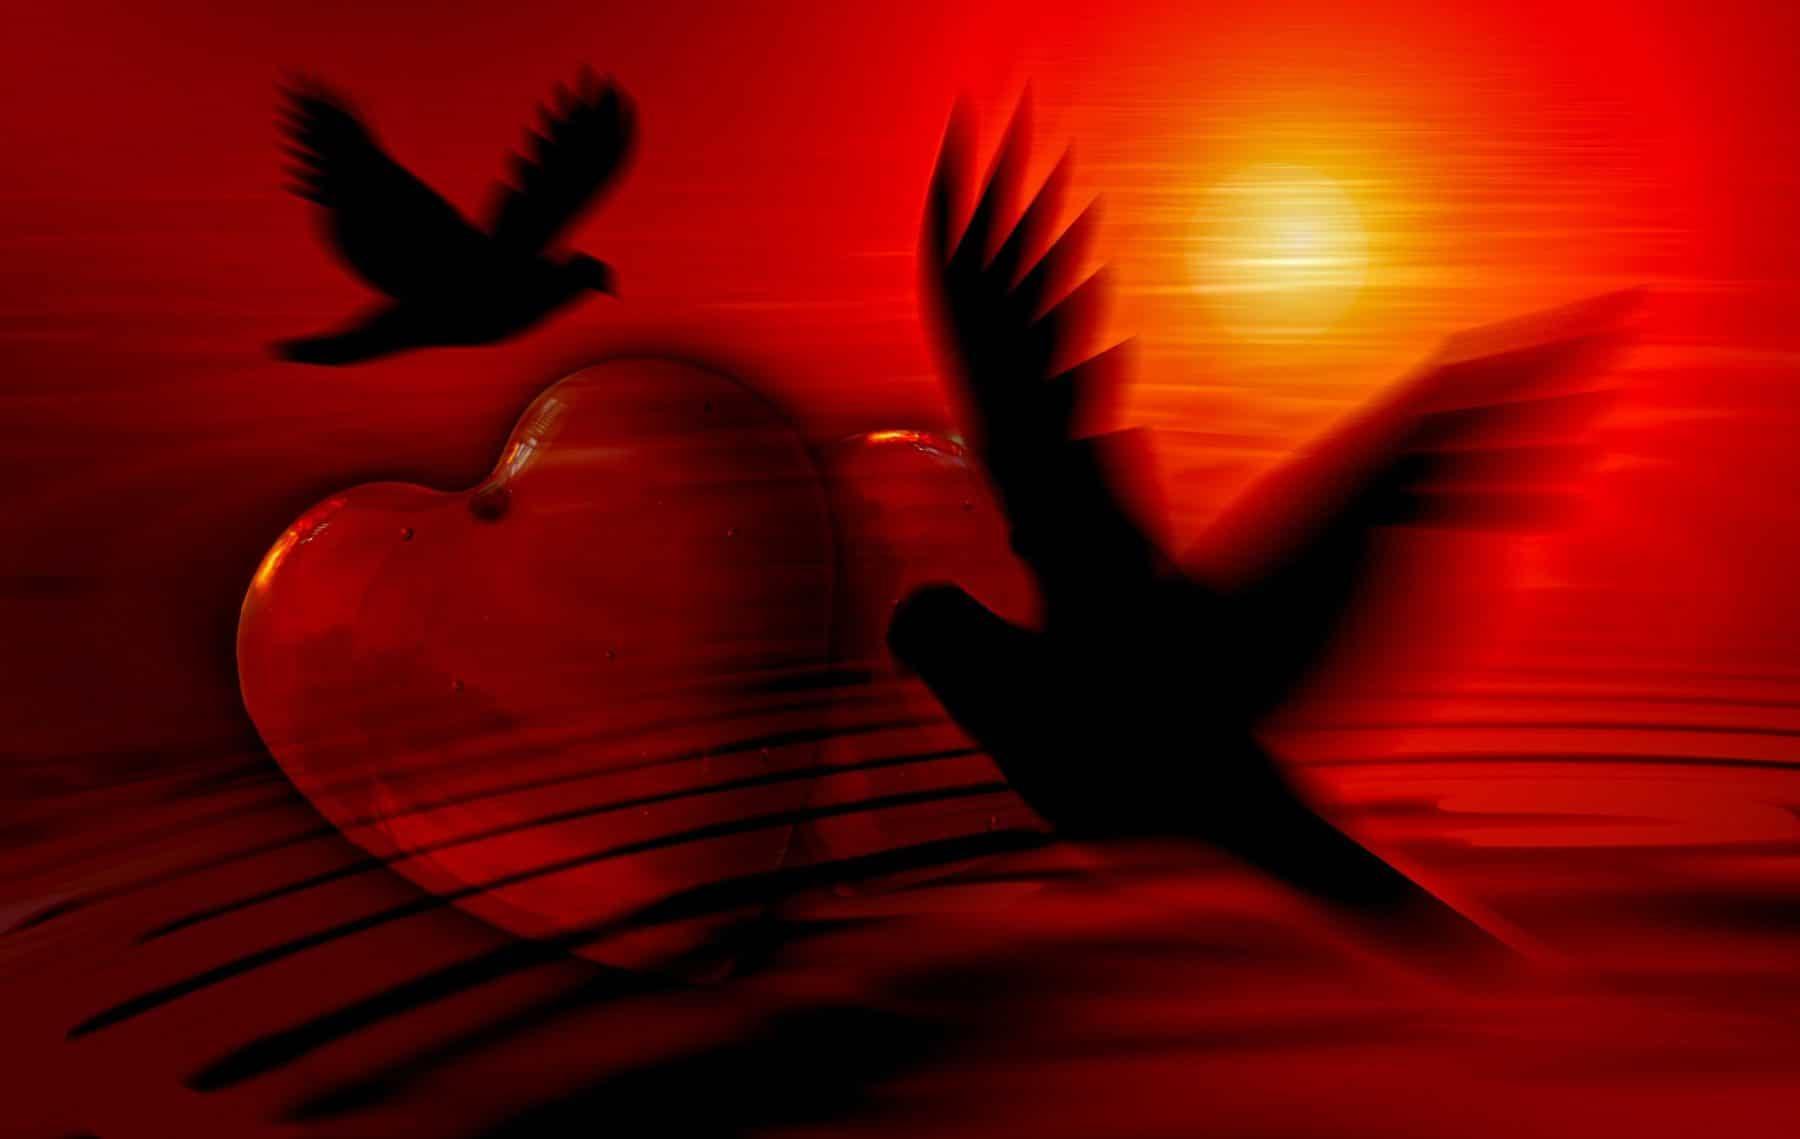 Tauben und ein Herz im Sonnenuntergang